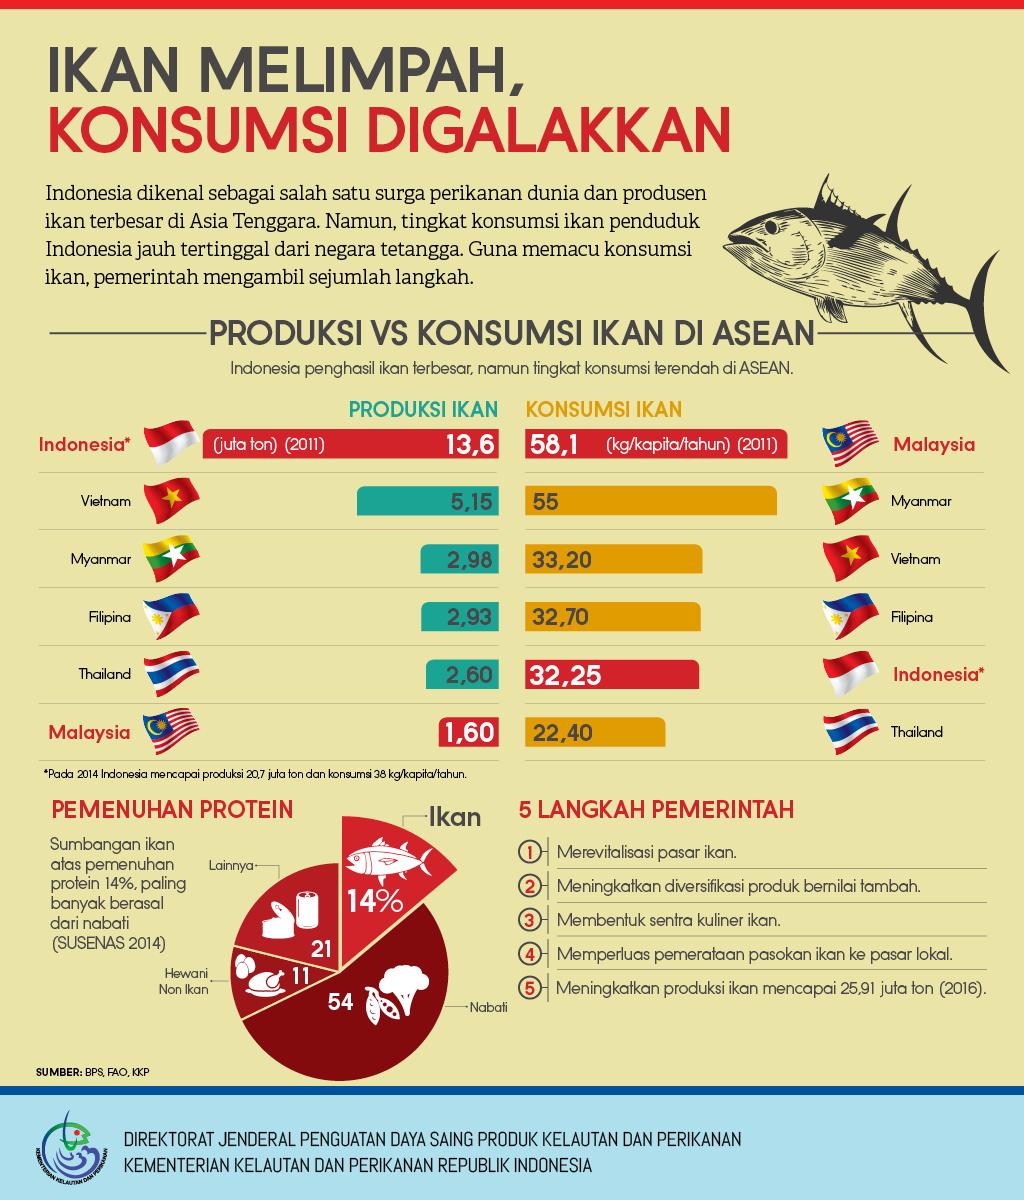 Ikan Melimpah, Konsumsi Digalakkan